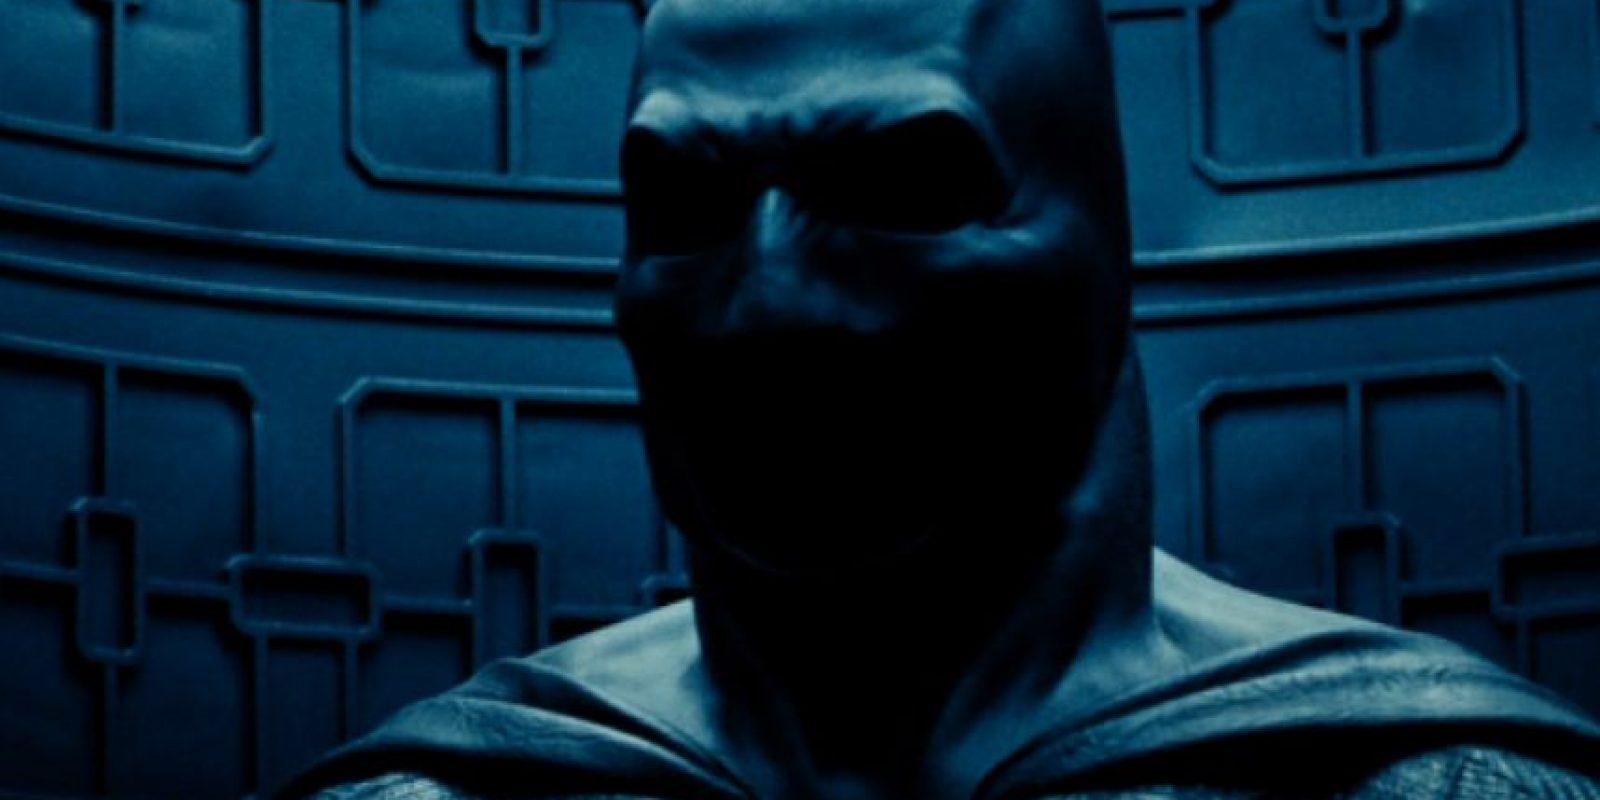 Solo se pueden ver los trajes de los superhéroes más emblemáticos de DC Cómics Foto:vía Twitter/Zack Snyder